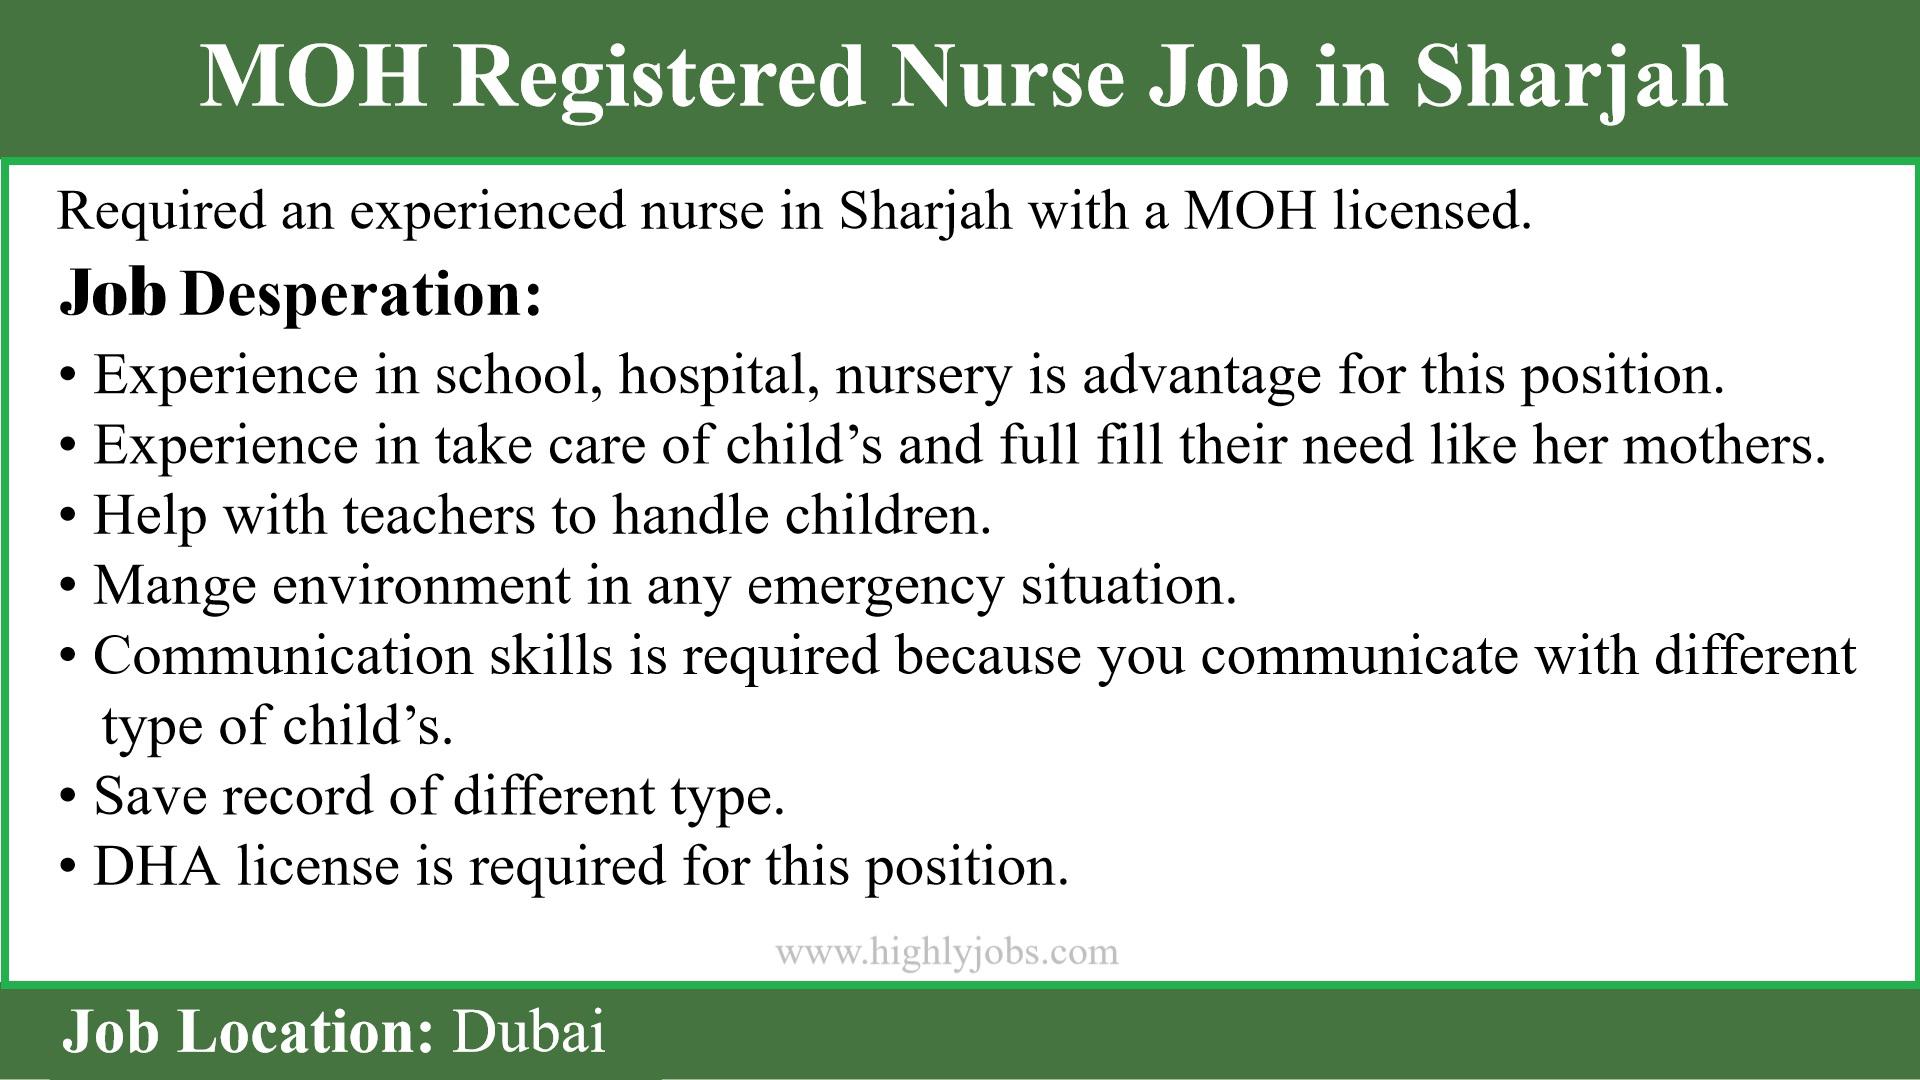 Registered Nurse Job in Sharjah | Highlyjobs